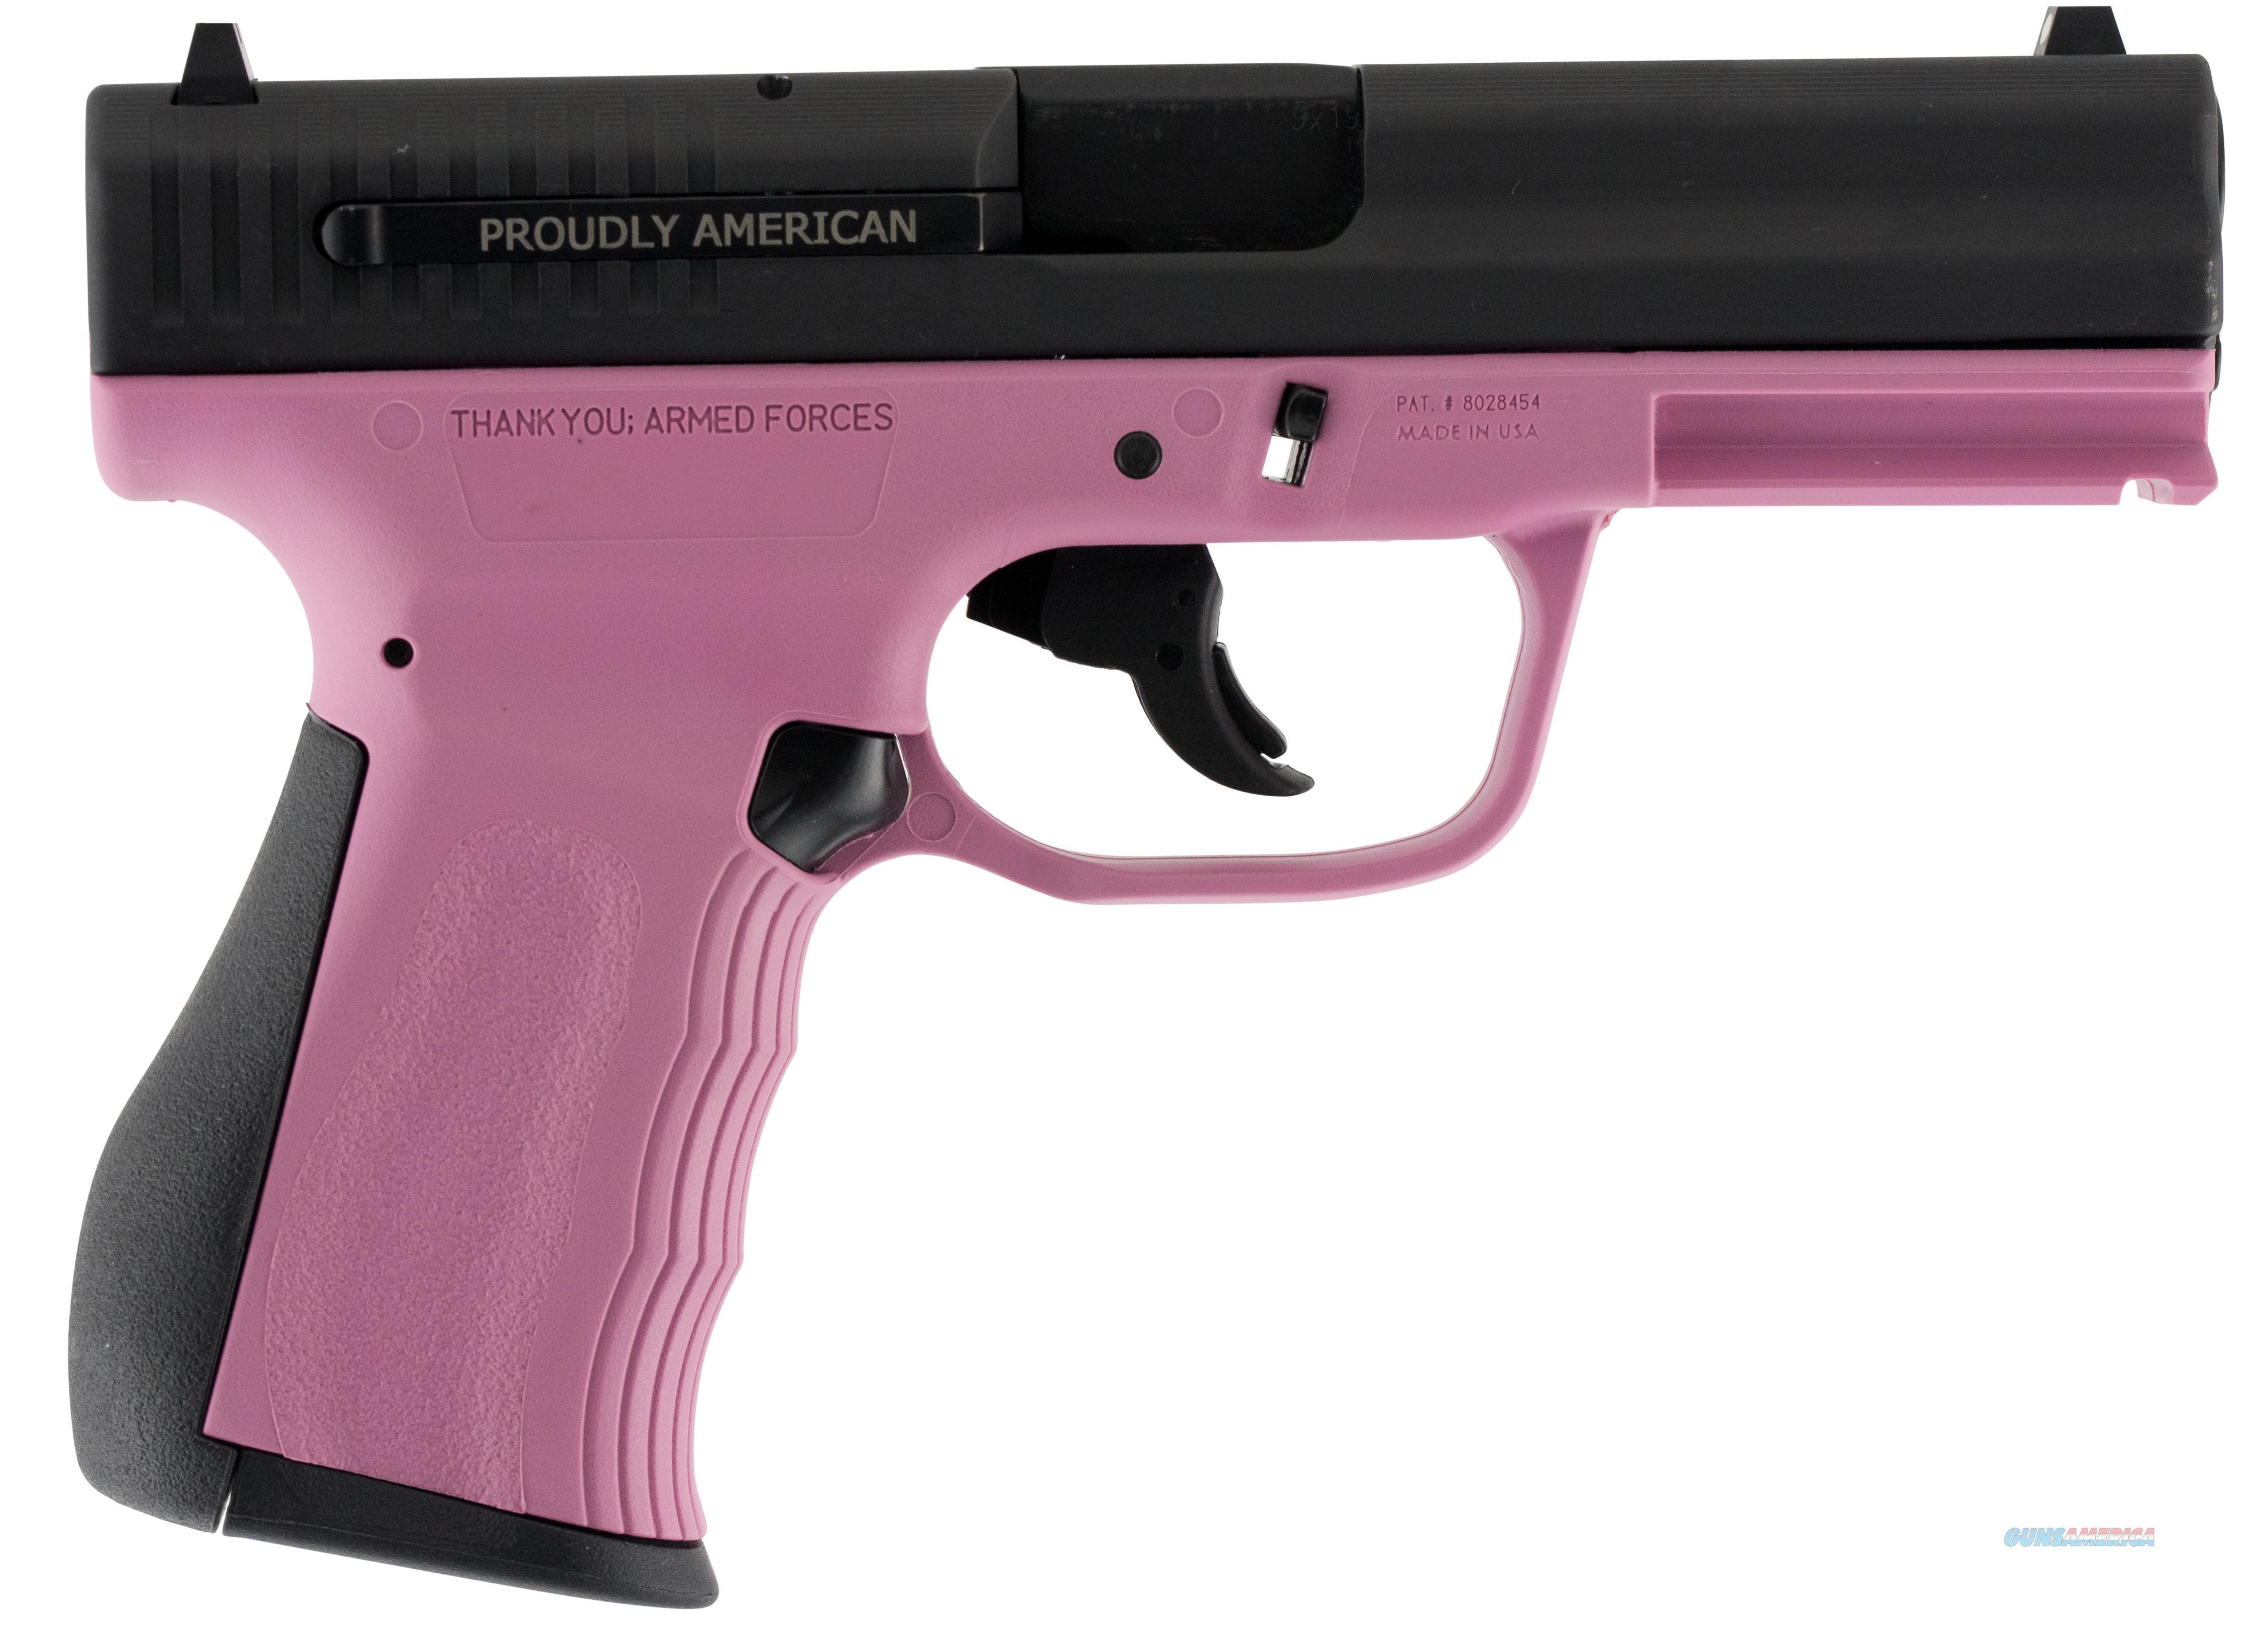 """Fmk Firearms G9c1g2pkcm 9C1 G2 *State Approved* Double 9Mm Luger 4"""" 10+1 Pink Polymer Grip/Frame Black Carbon Steel FMKG9C1G2EPKCM  Guns > Pistols > F Misc Pistols"""